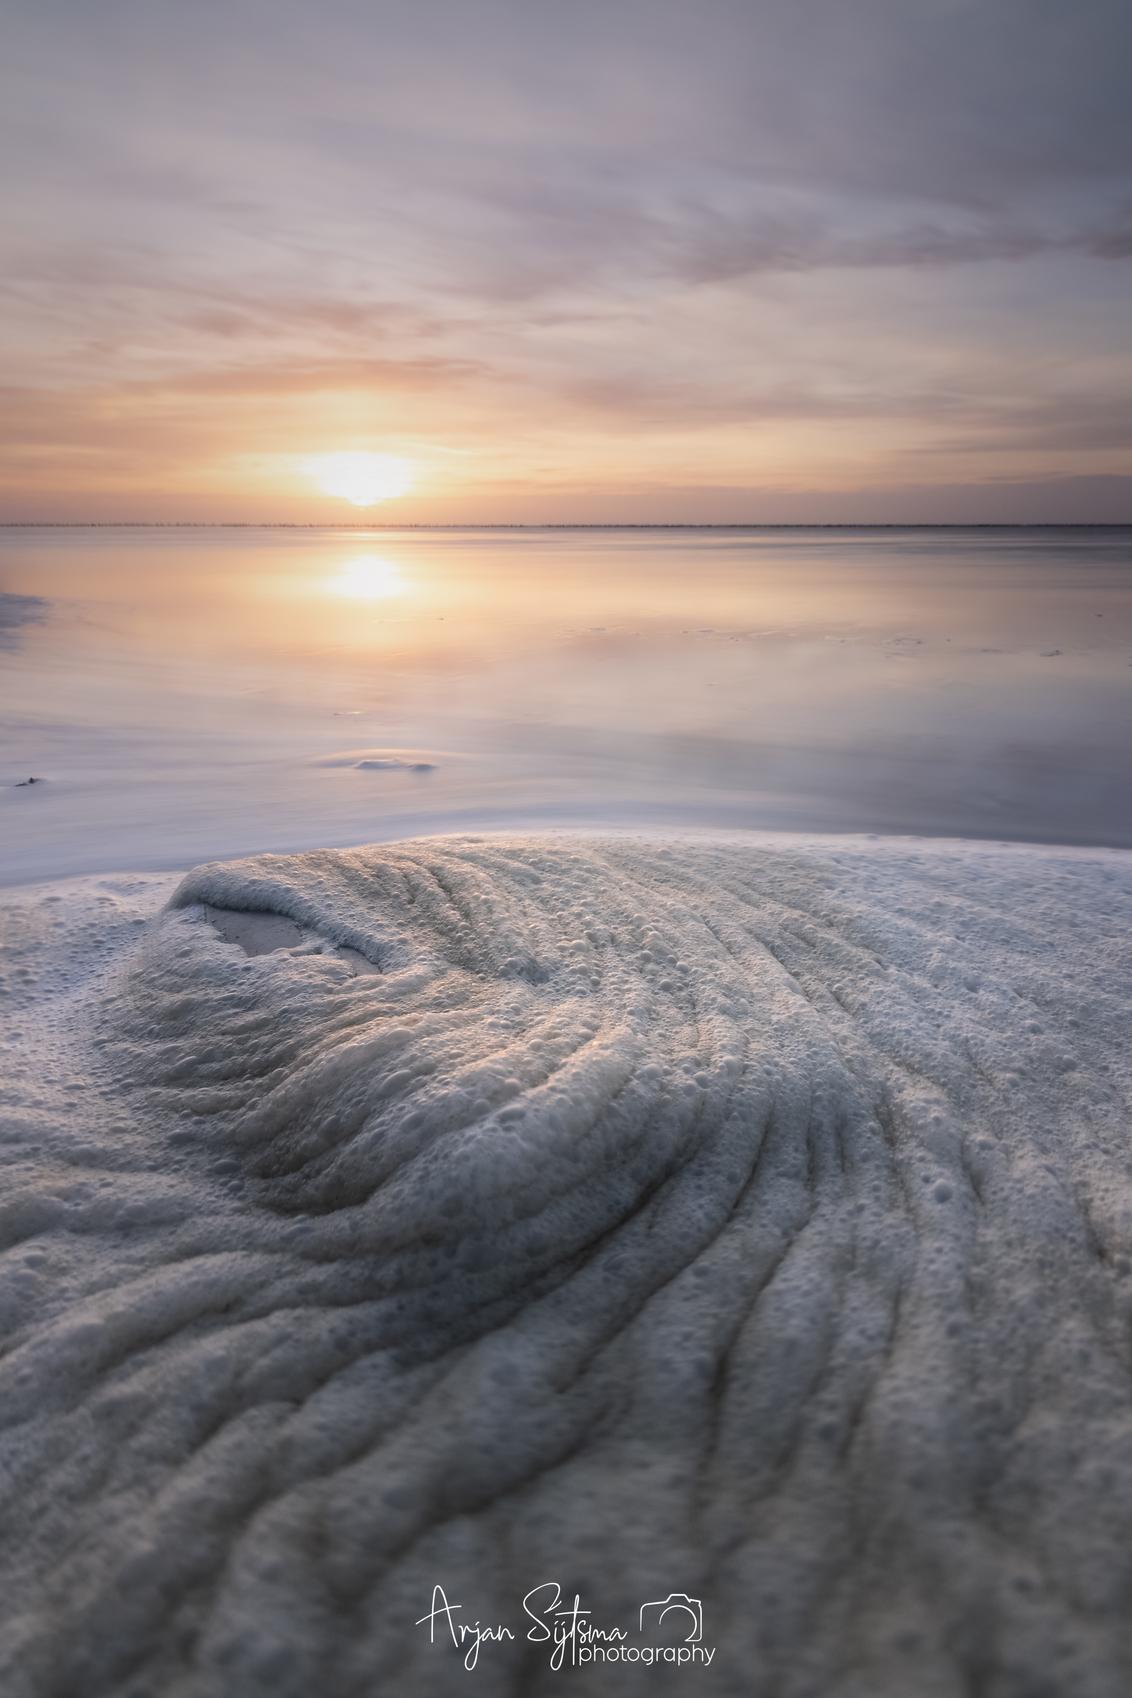 Schuimkragen aan het Wad... - - - foto door ArjanSijtsma op 22-03-2021 - deze foto bevat: lucht, wolken, zon, strand, zee, water, lente, natuur, licht, avond, lijnen, zonsondergang, spiegeling, landschap, tegenlicht, schuim, kust, zonlicht, wadden, waddenzee, friesland, wad, scherptediepte, diepte, lichtinval, voorgrond, fryslan, werelderfgoed, ternaard, lange sluitertijd, Gouden uurtje, gouden uur, t skoar, schuimkragen